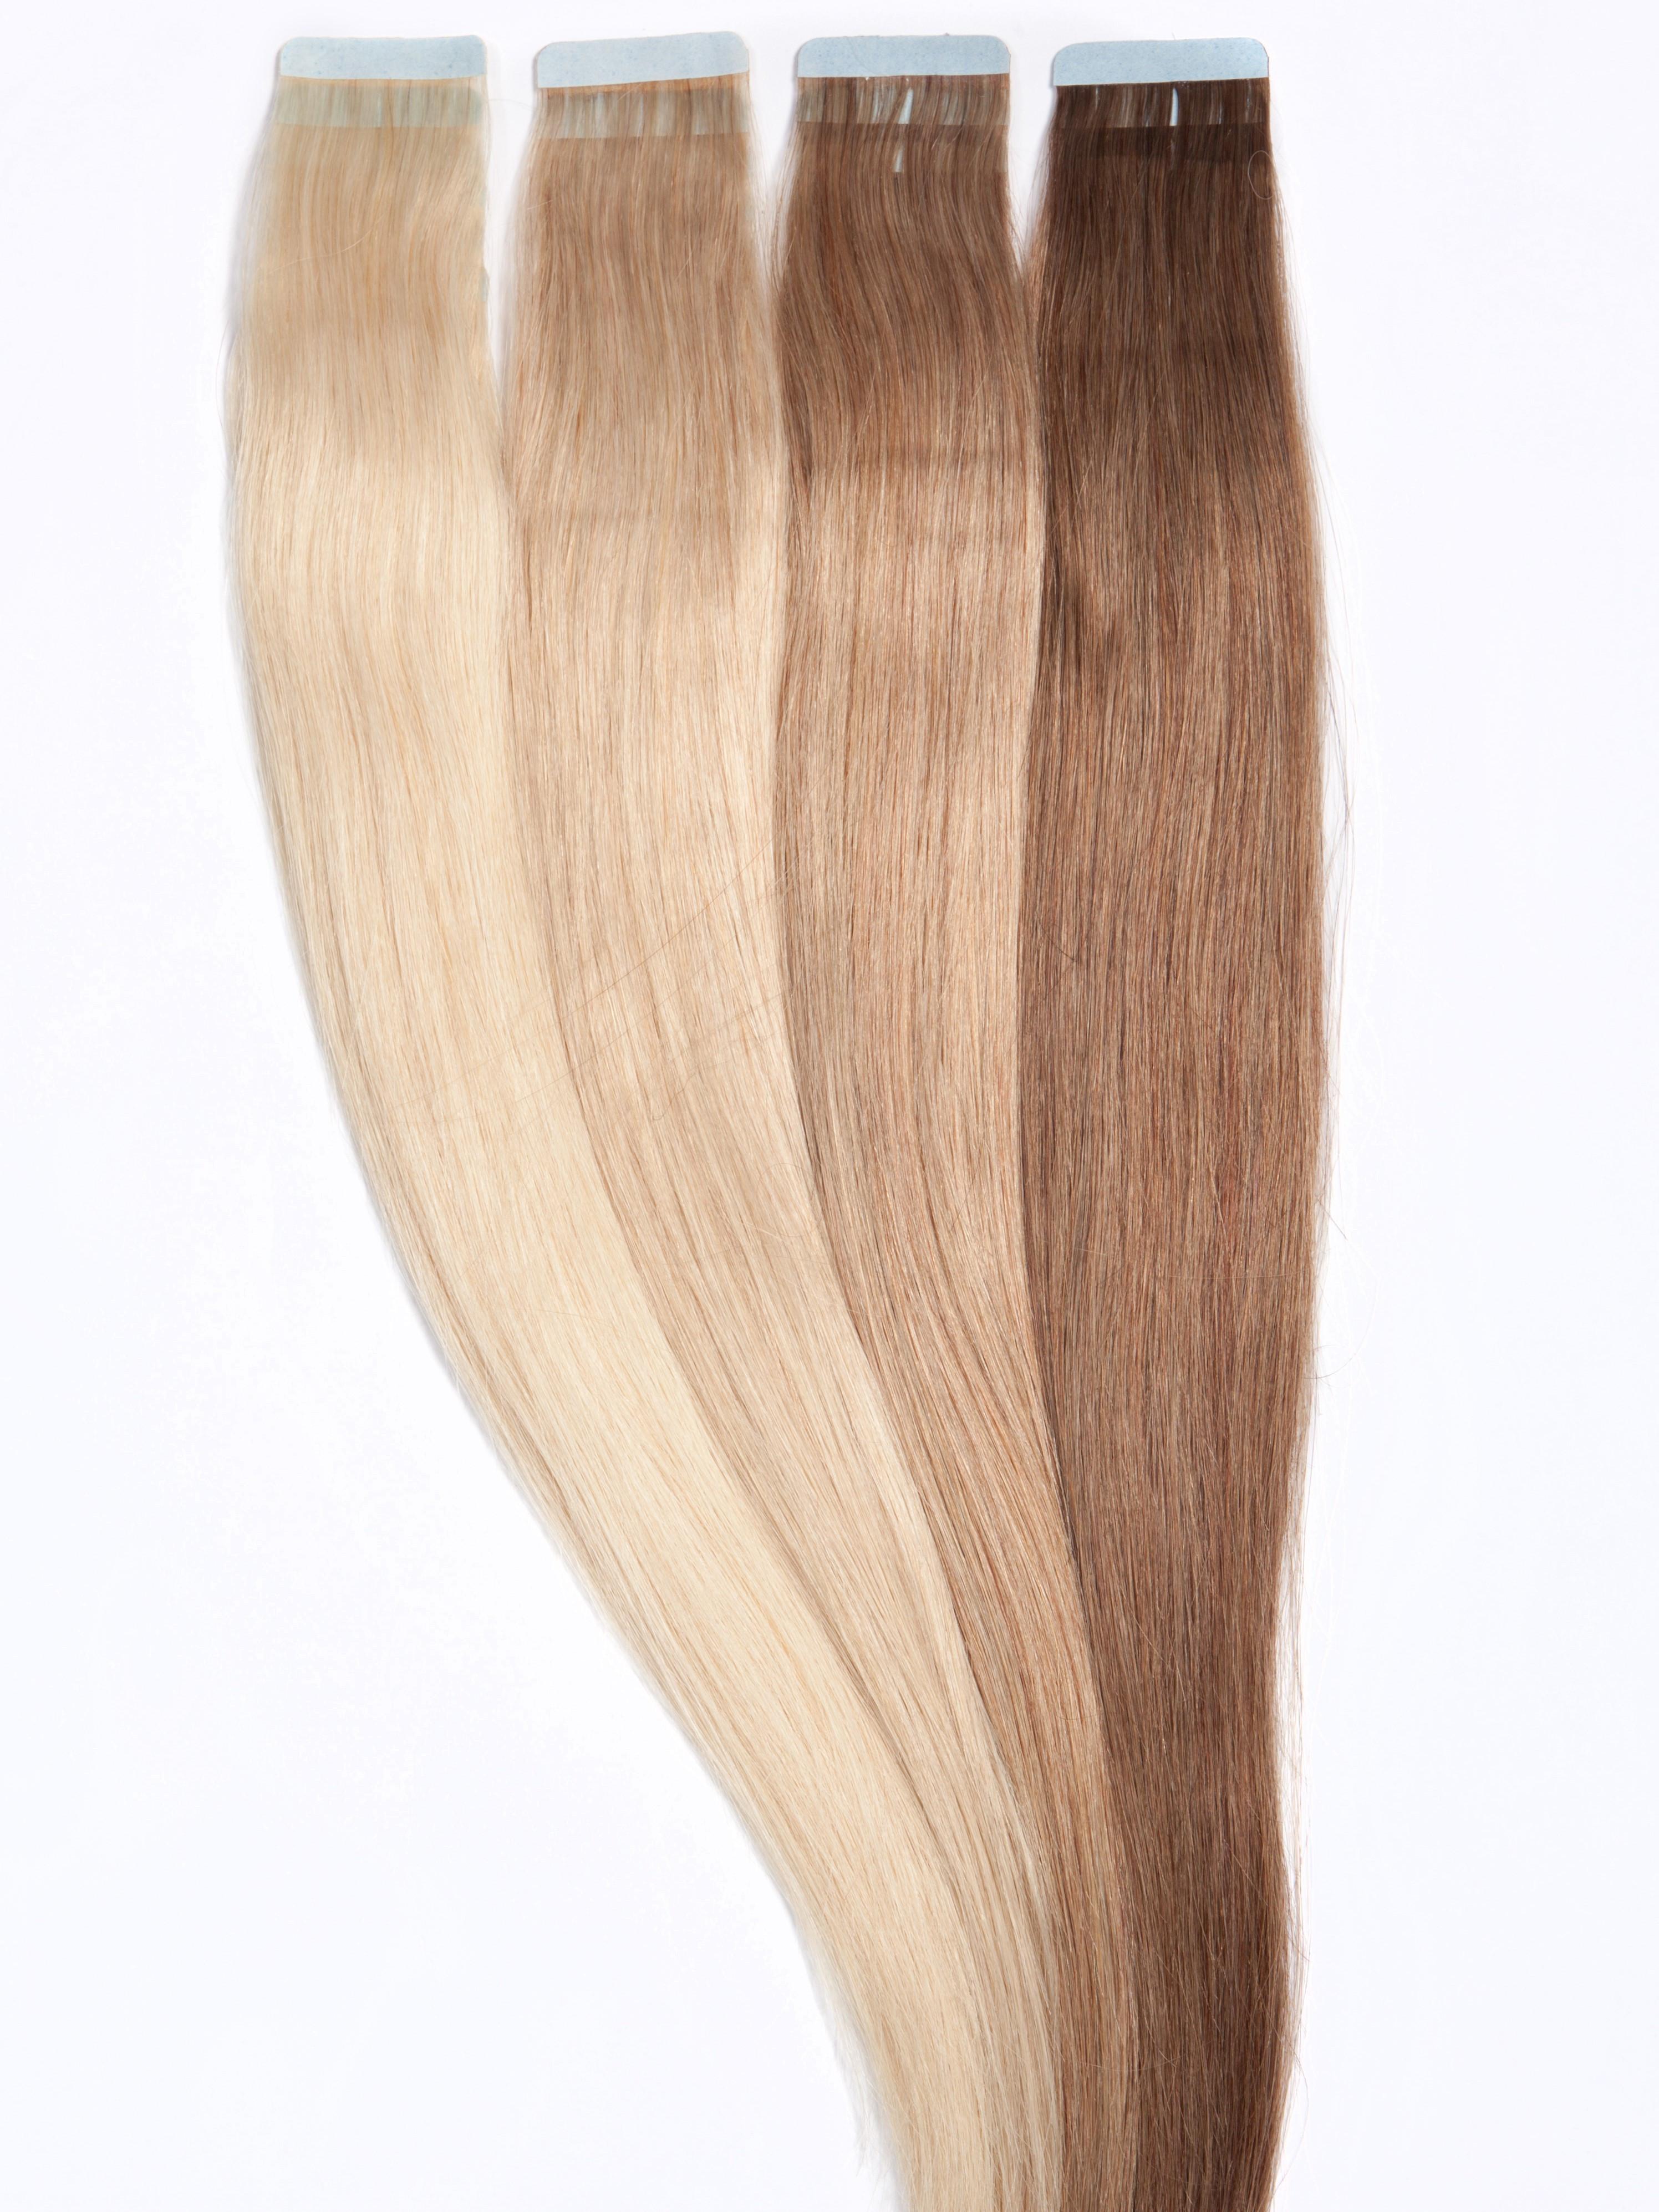 Haare bestellen fur haarverlangerung